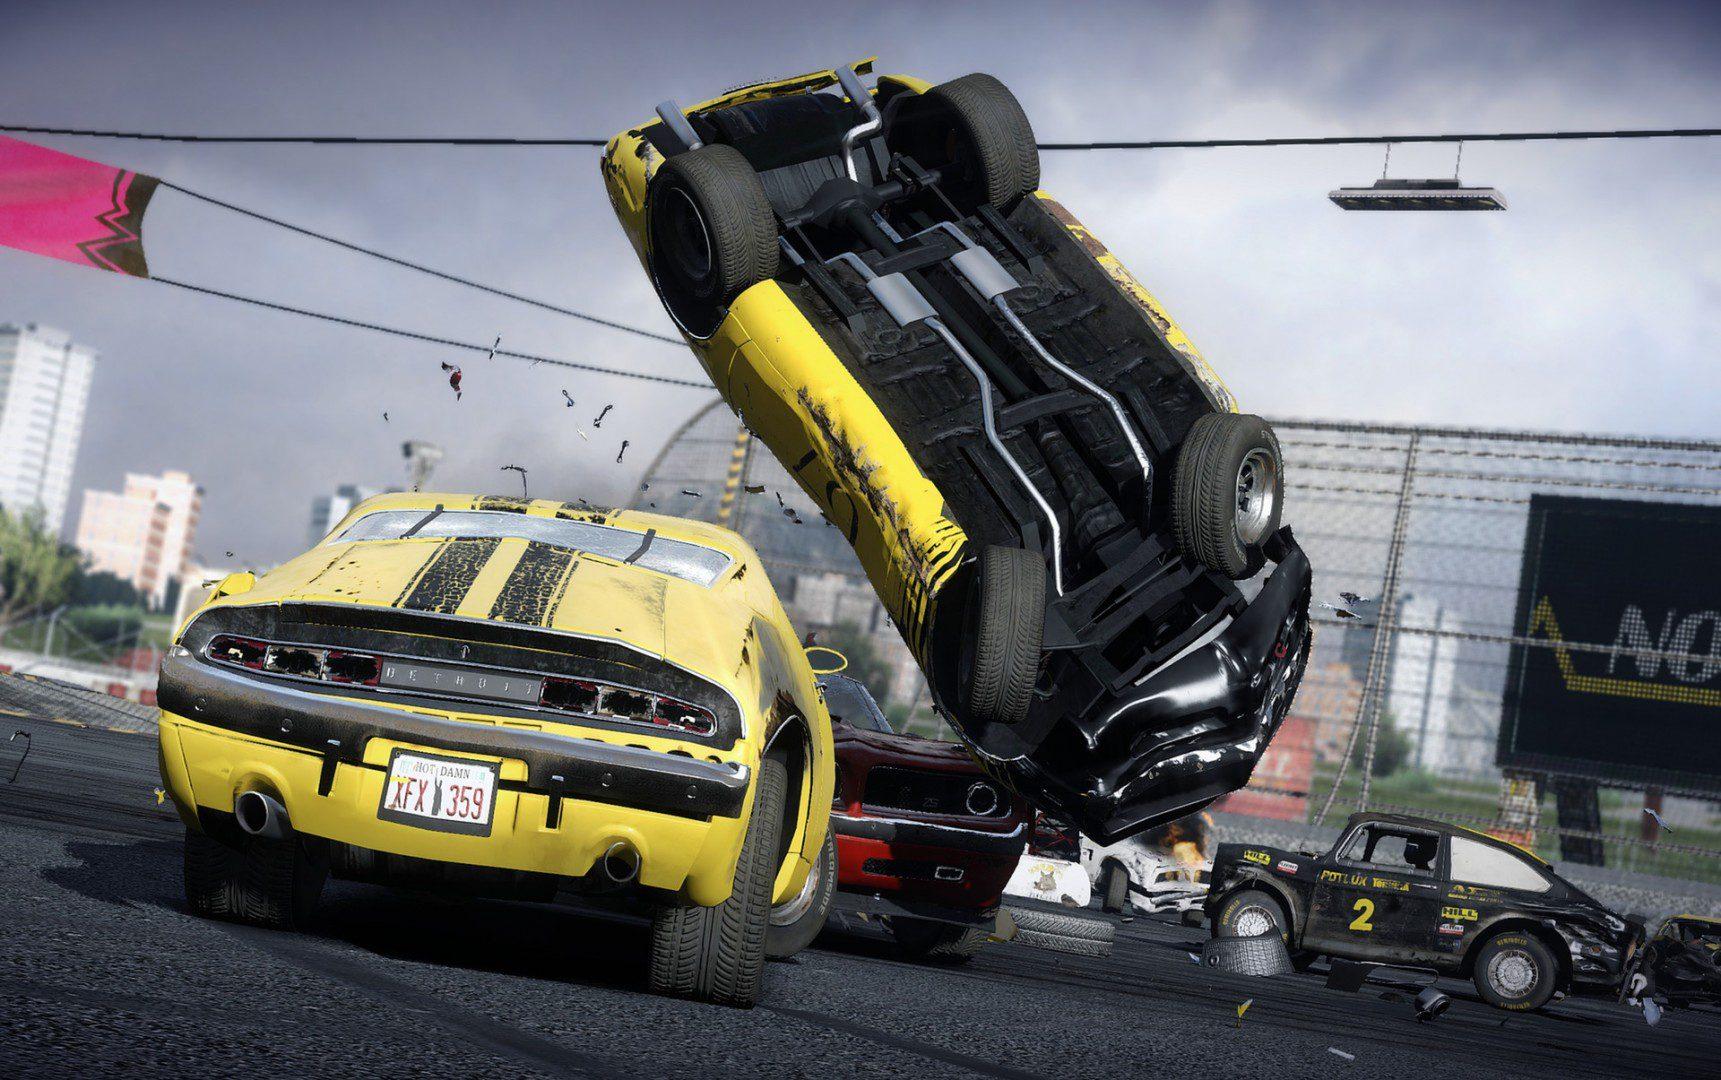 Análisis Wreckfest para Xbox Series X - Hoy os traemos el análisis de Wreckfest, un juego de coches hecho por y para la diversión que nos va a dar muchas horas de diversión y que se actualiza oficialmente para esta generación.